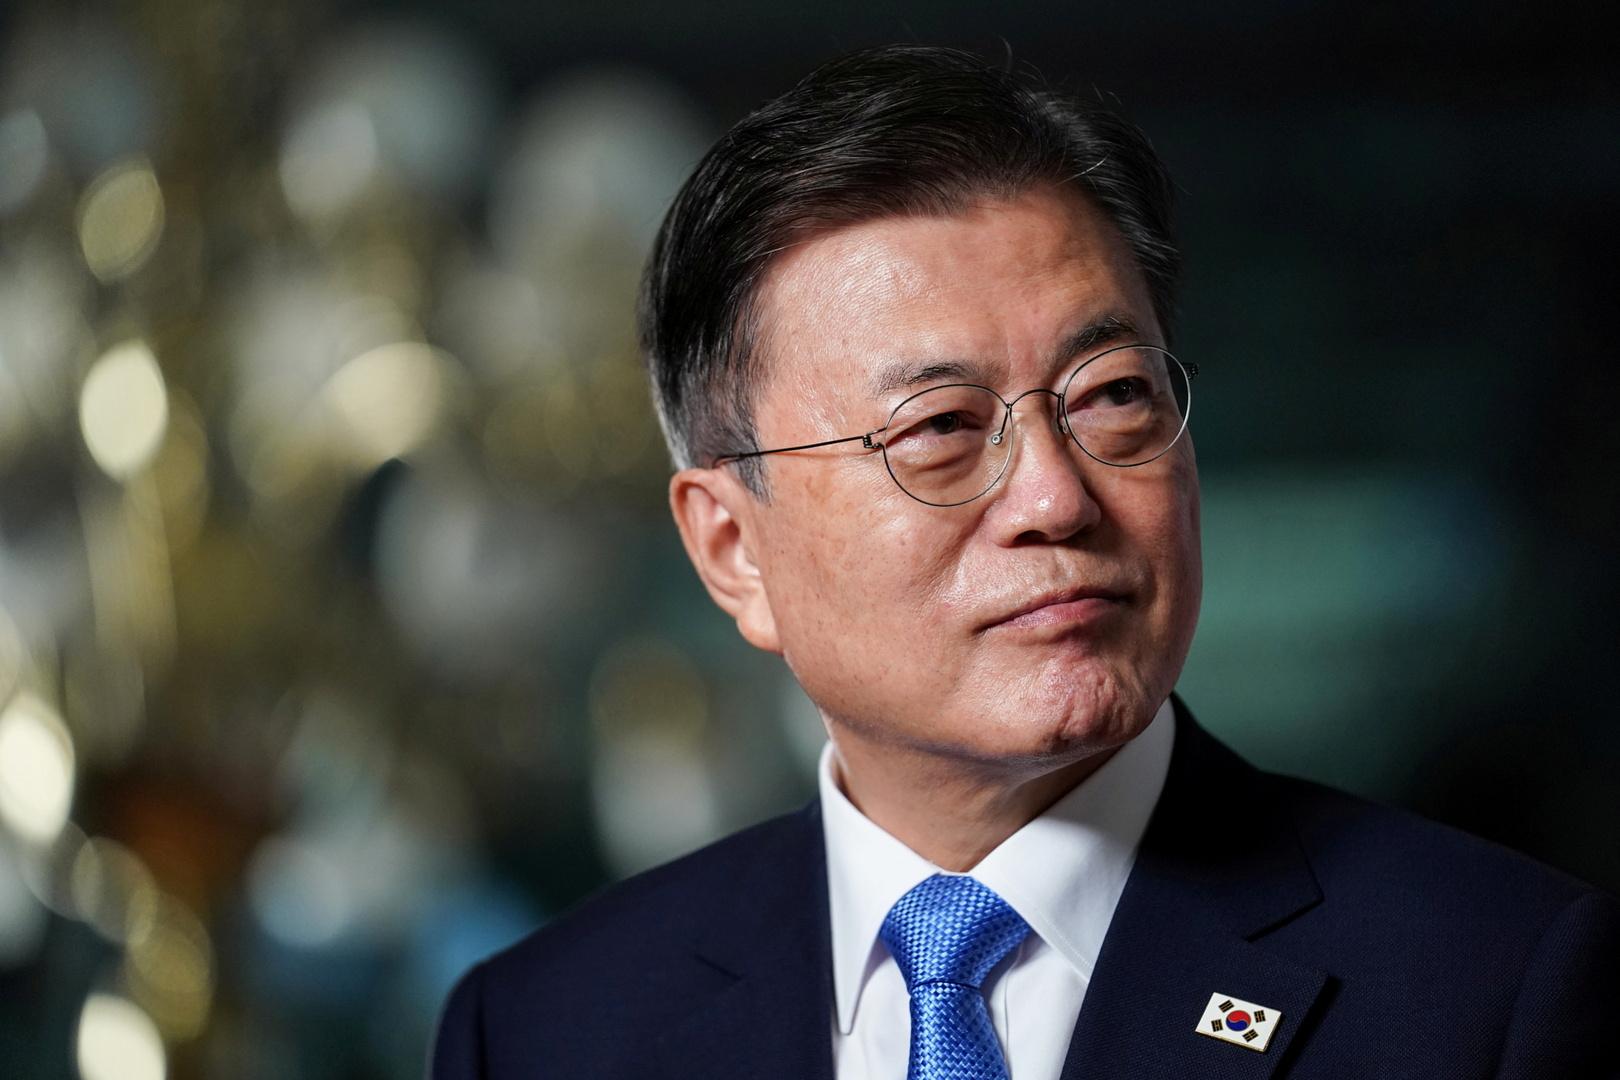 الرئيس الكوري الجنوبي يأمر بإجراء تحقيق في وفاة ضحية اعتداء جنسي في الجيش